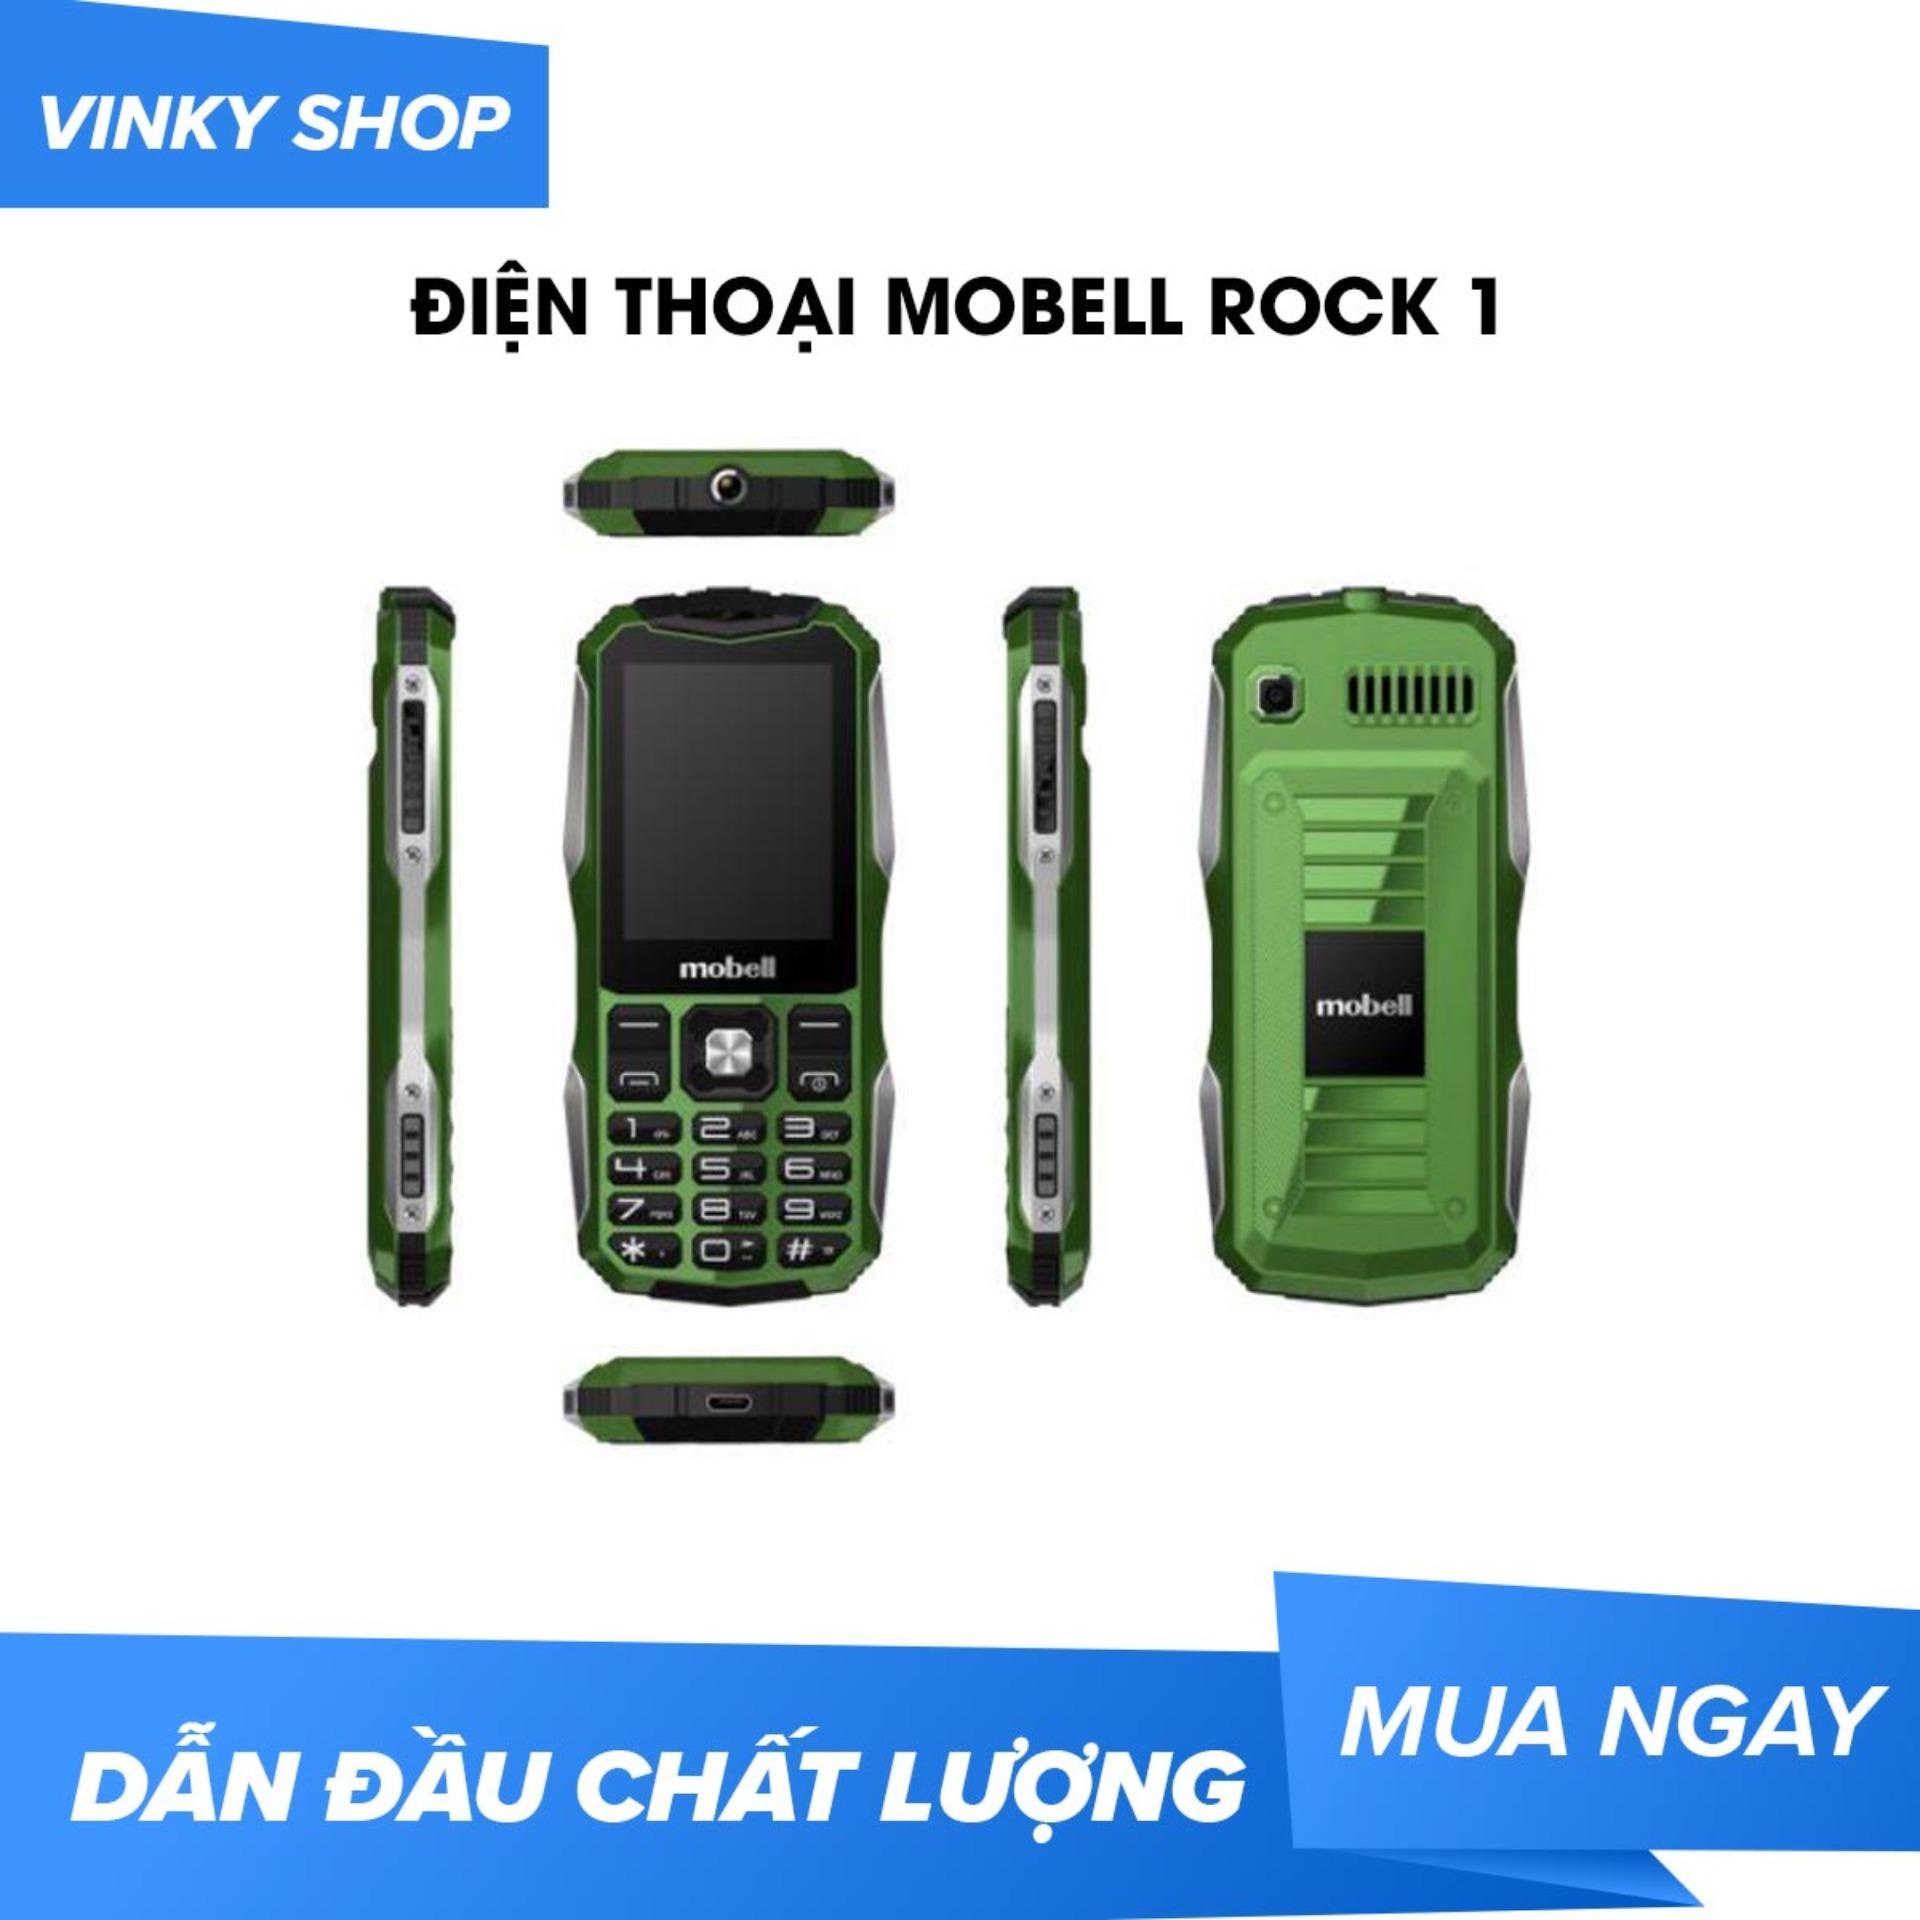 Điện thoại Mobell Rock 1 loa to pin trâu sóng khỏe mới Fullbox Bảo hành 12 tháng